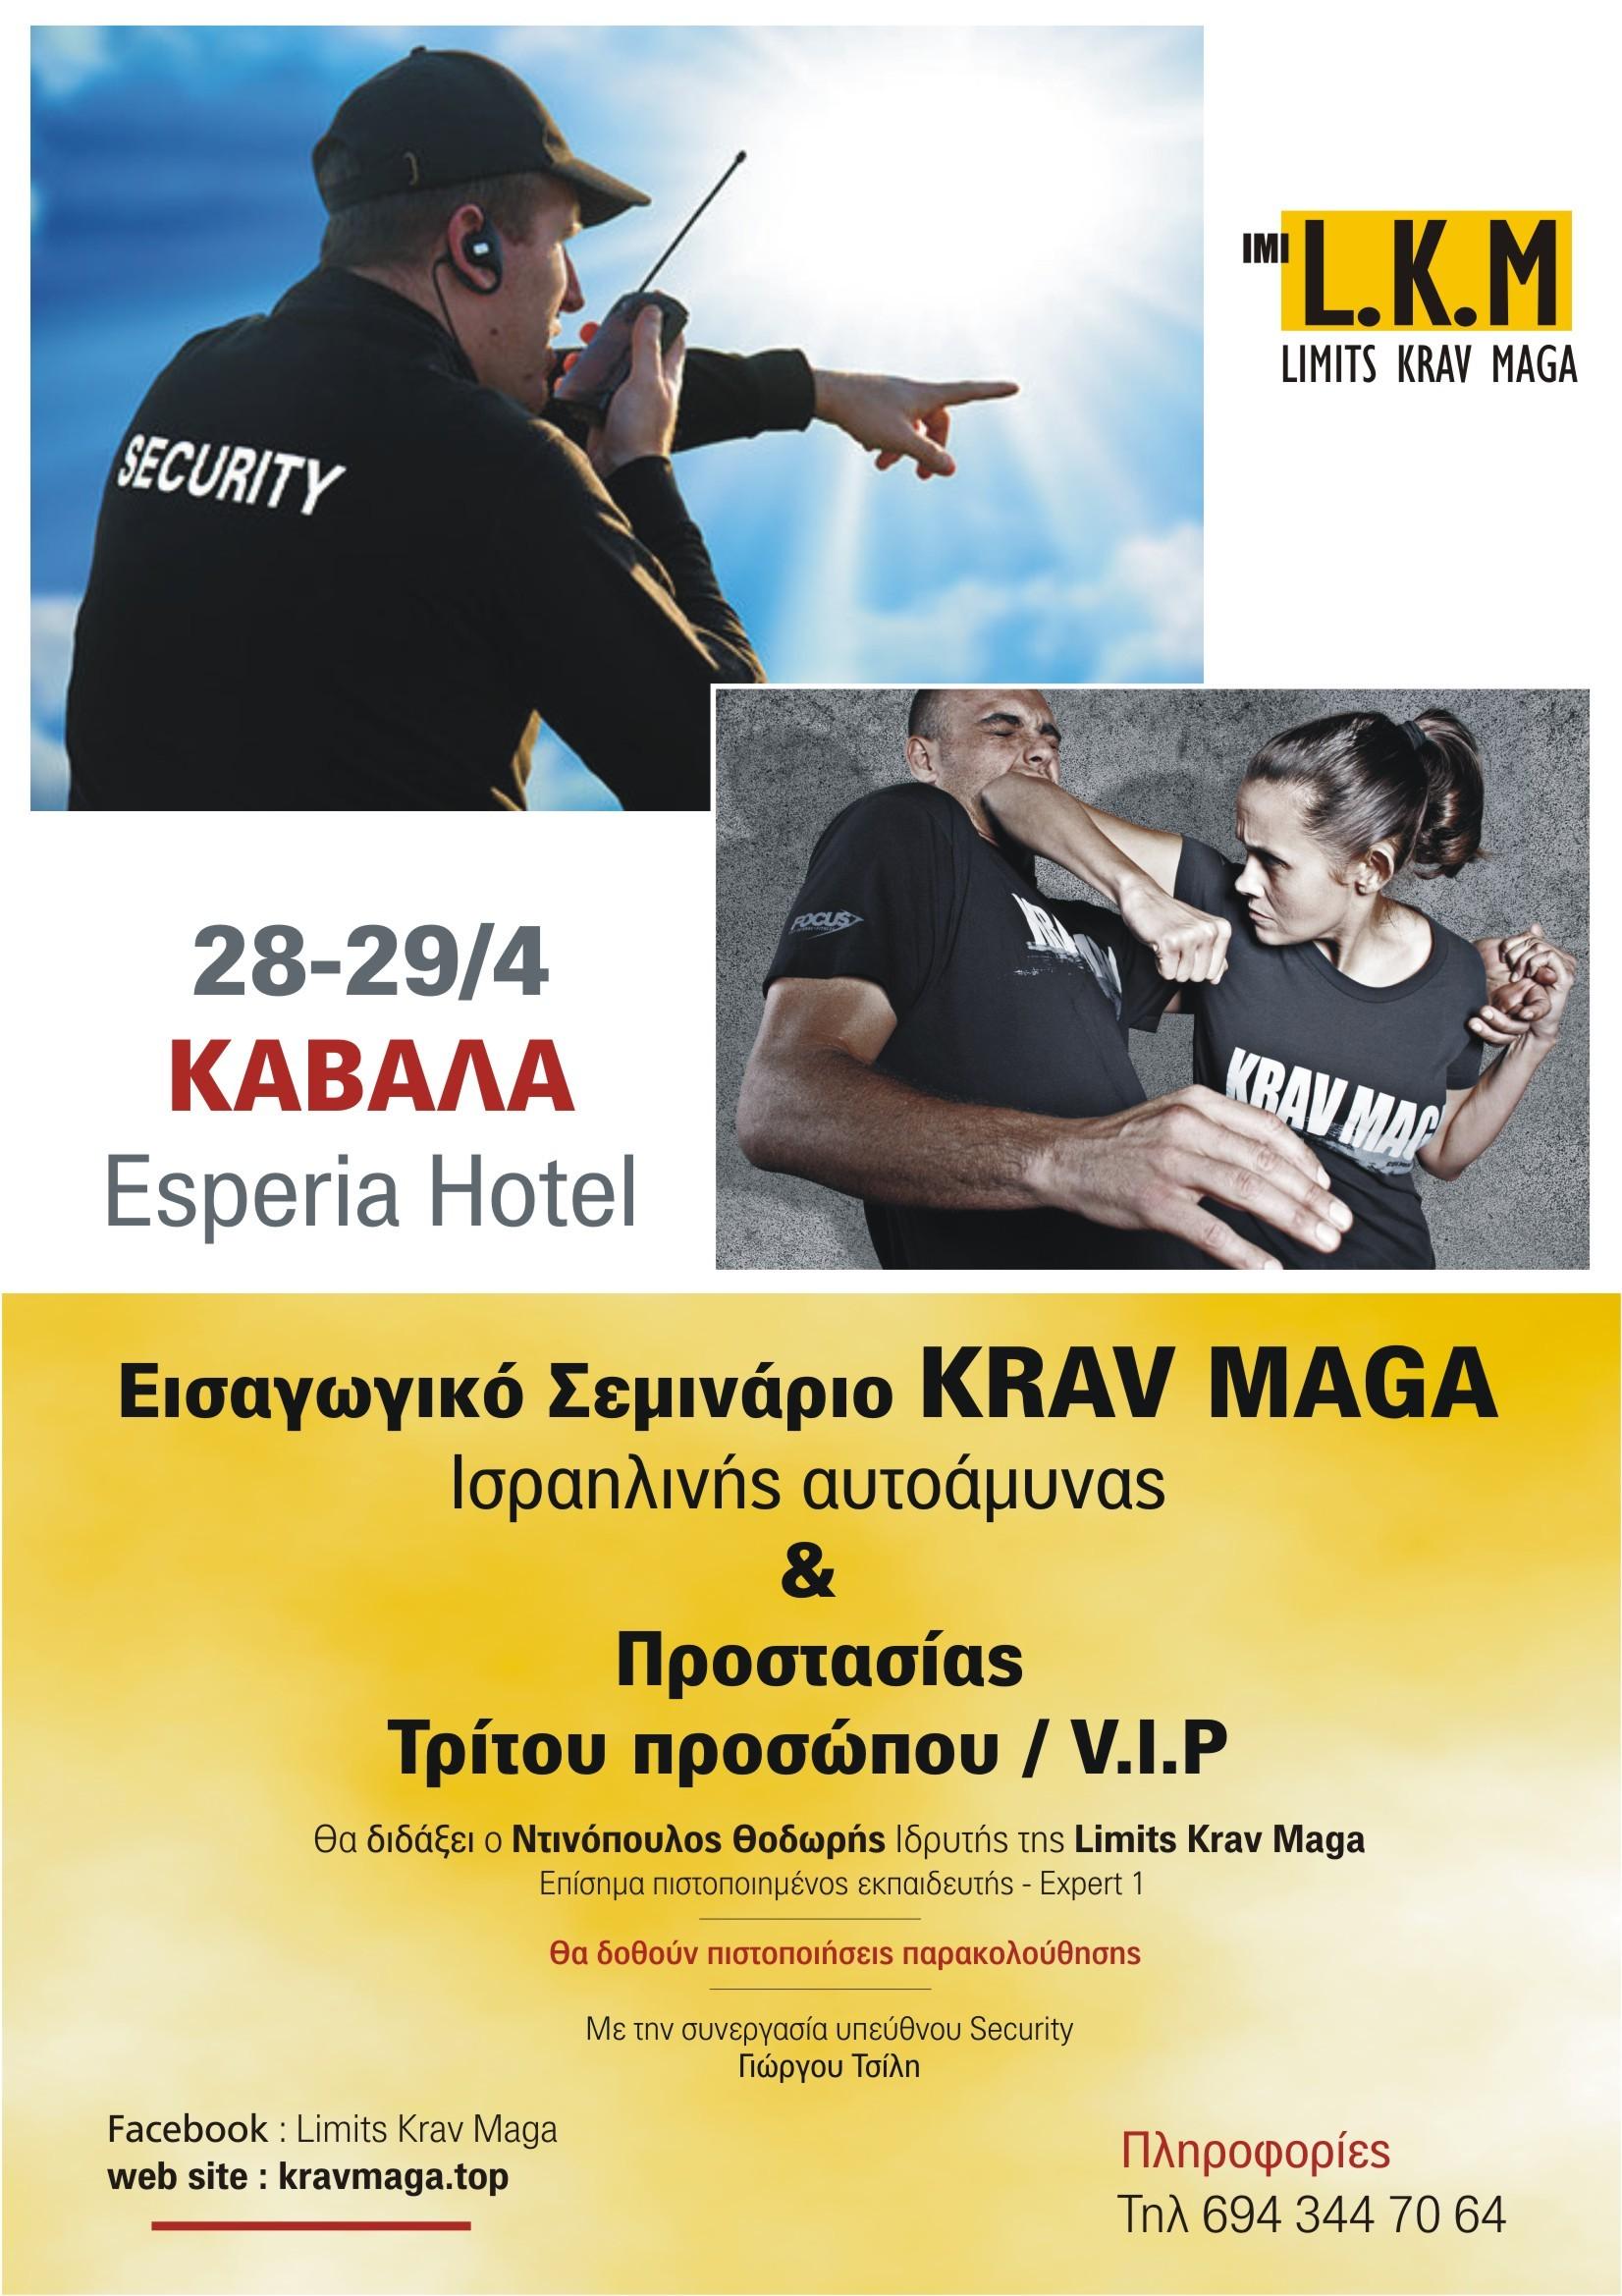 Σεμινάριο Krav maga στην Καβάλα 28 & 29 Απριλίου